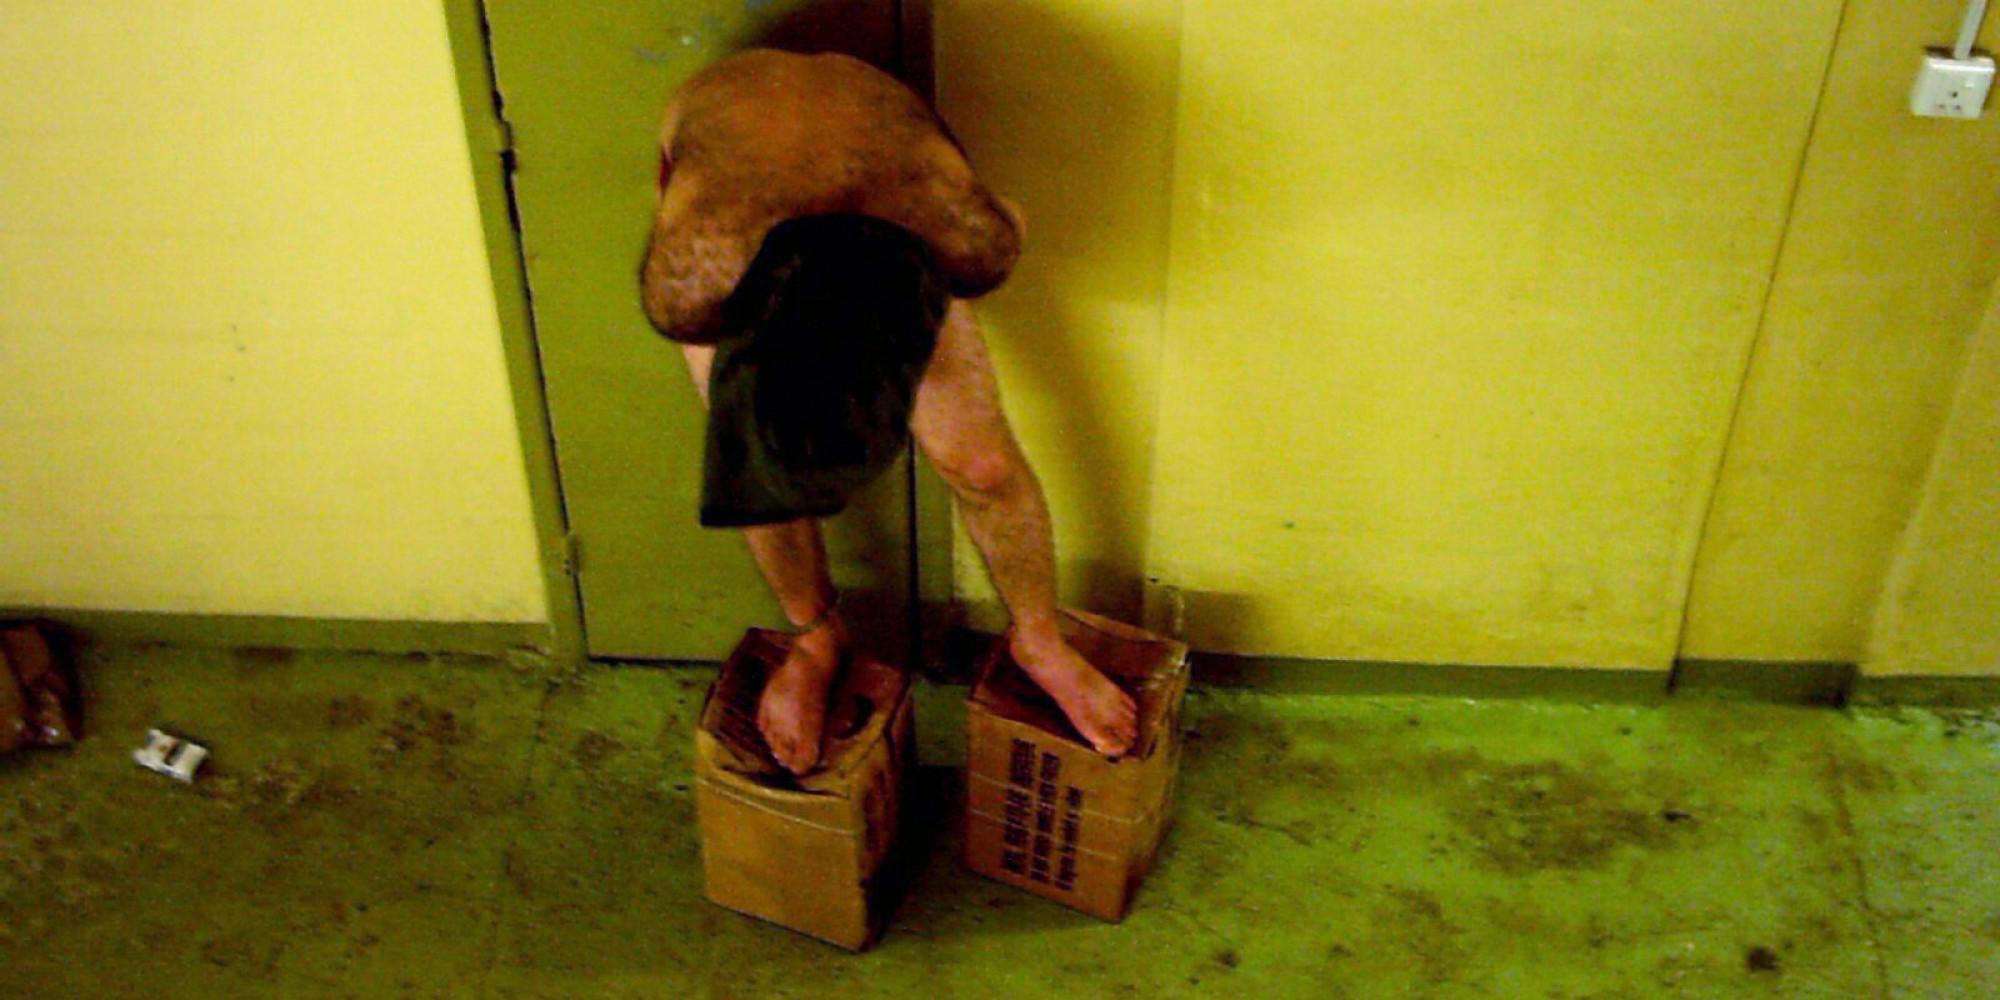 Смотреть трахну заключенную, Охранник трахает заключенную в тюрьме порно видео 5 фотография